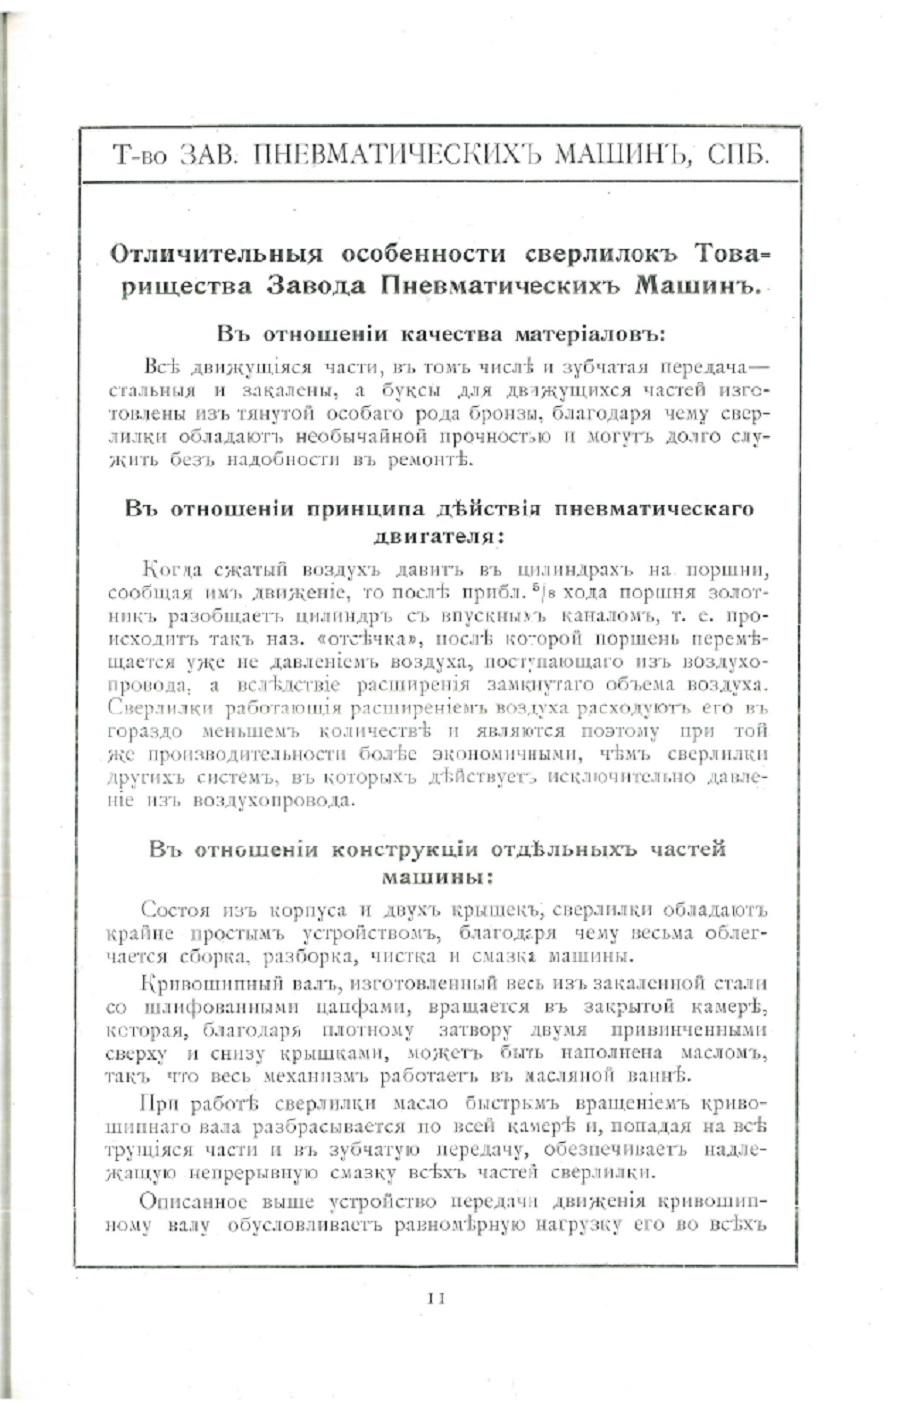 Каталог №11 Товарищества завода пневматических машин. стр 11